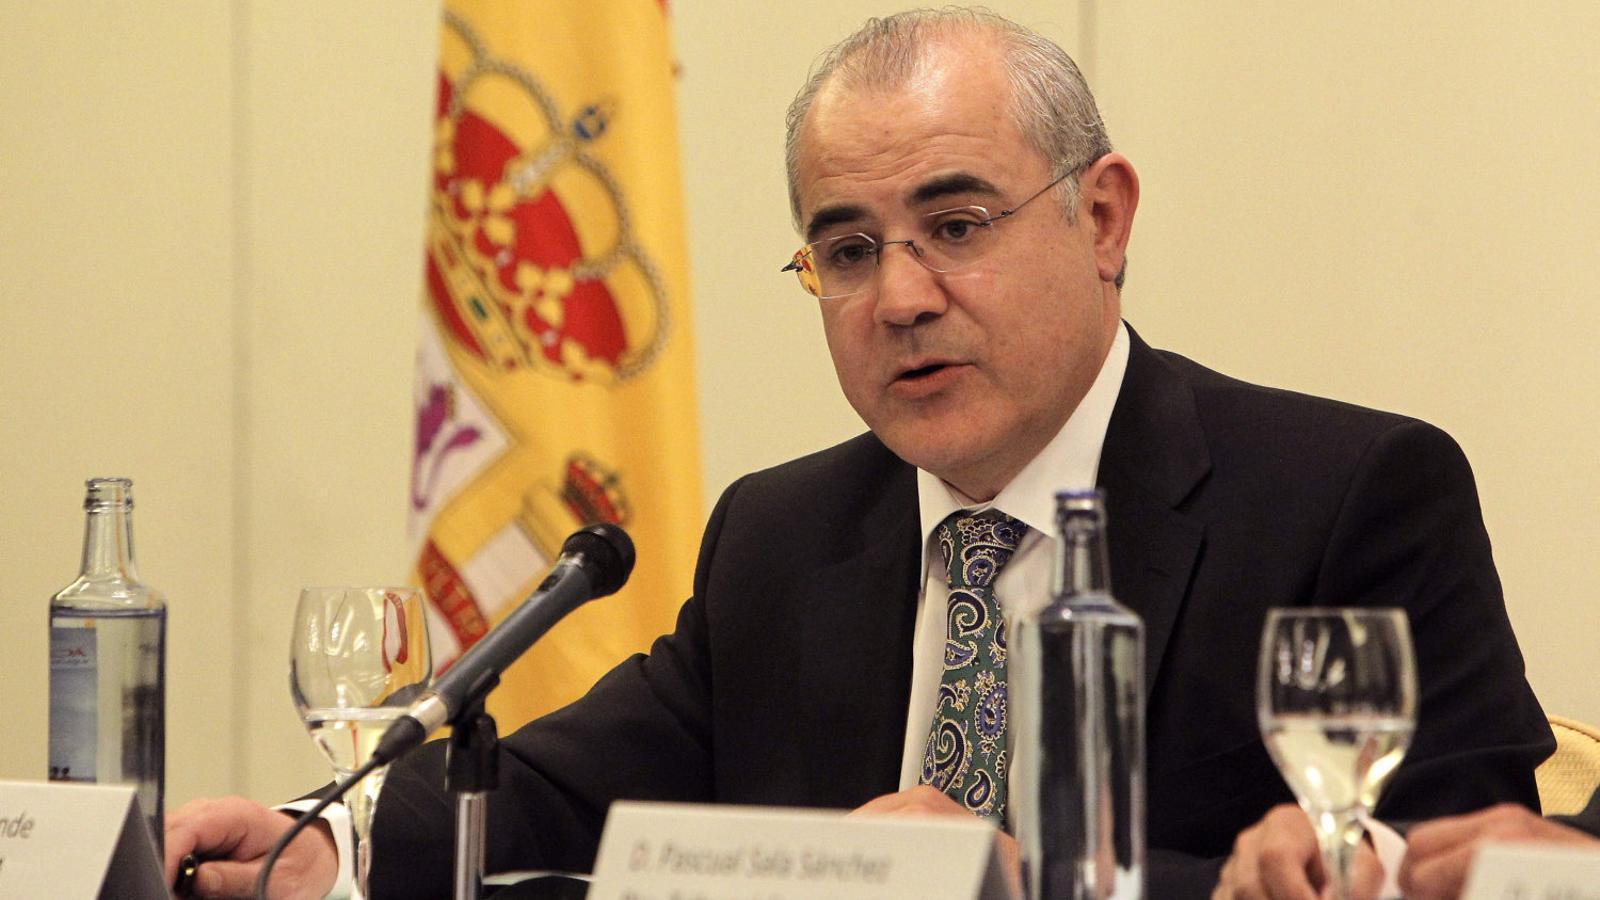 El jutge del Tribunal Suprem que instrueix la causa contra el Procés, Pablo Llarena, en una imatge d'arxiu / KIKO HUESCA / EFE